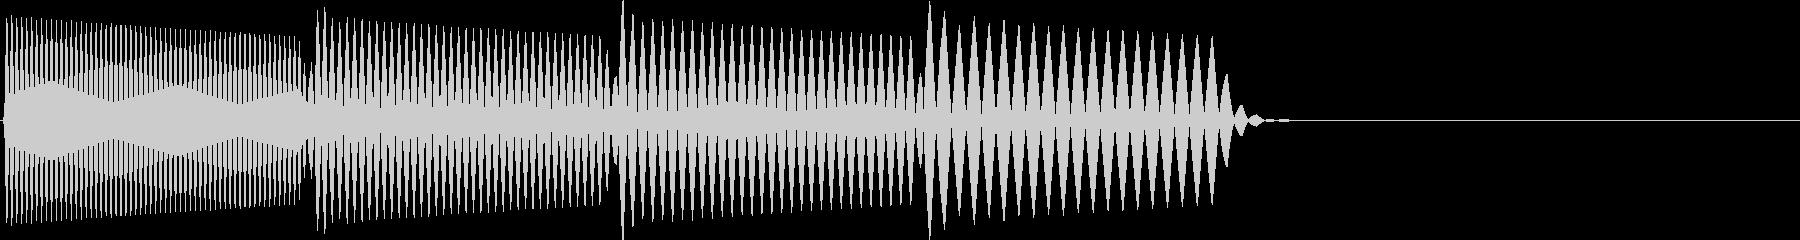 ピロロロ↓低音(攻撃ミス、やり直し)の未再生の波形